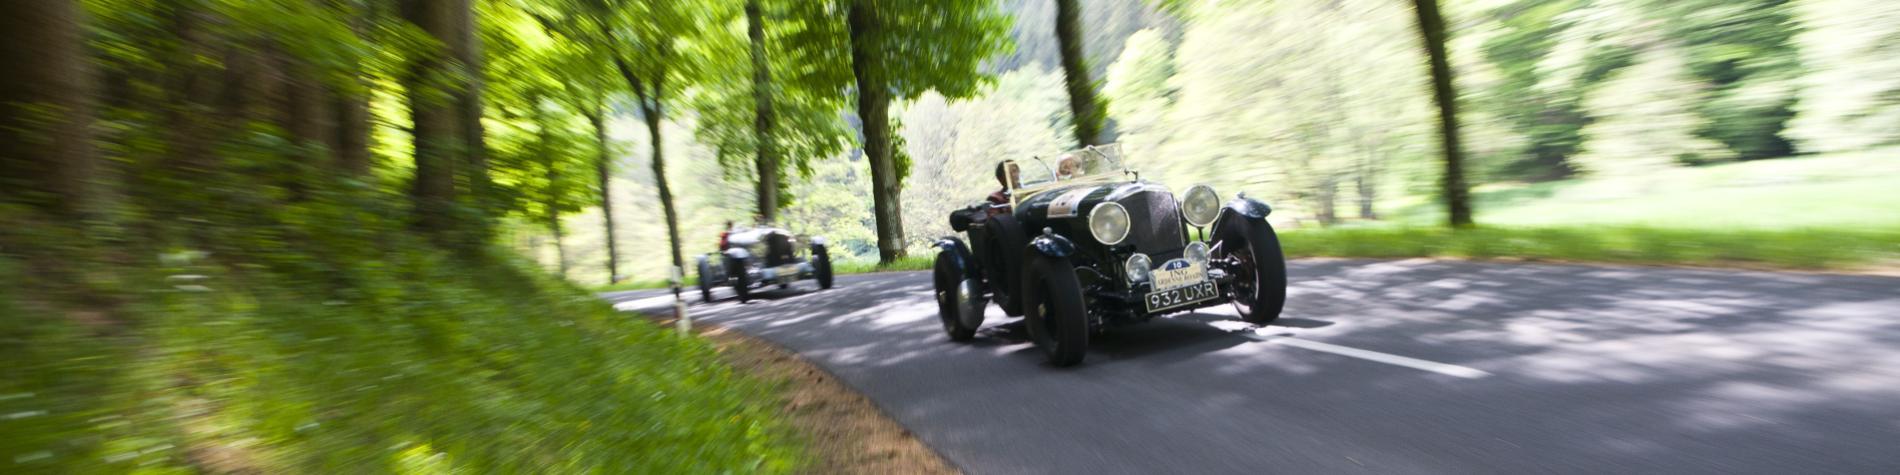 Rallye Sport automobile - voitures anciennes - Marche-en-Famenne